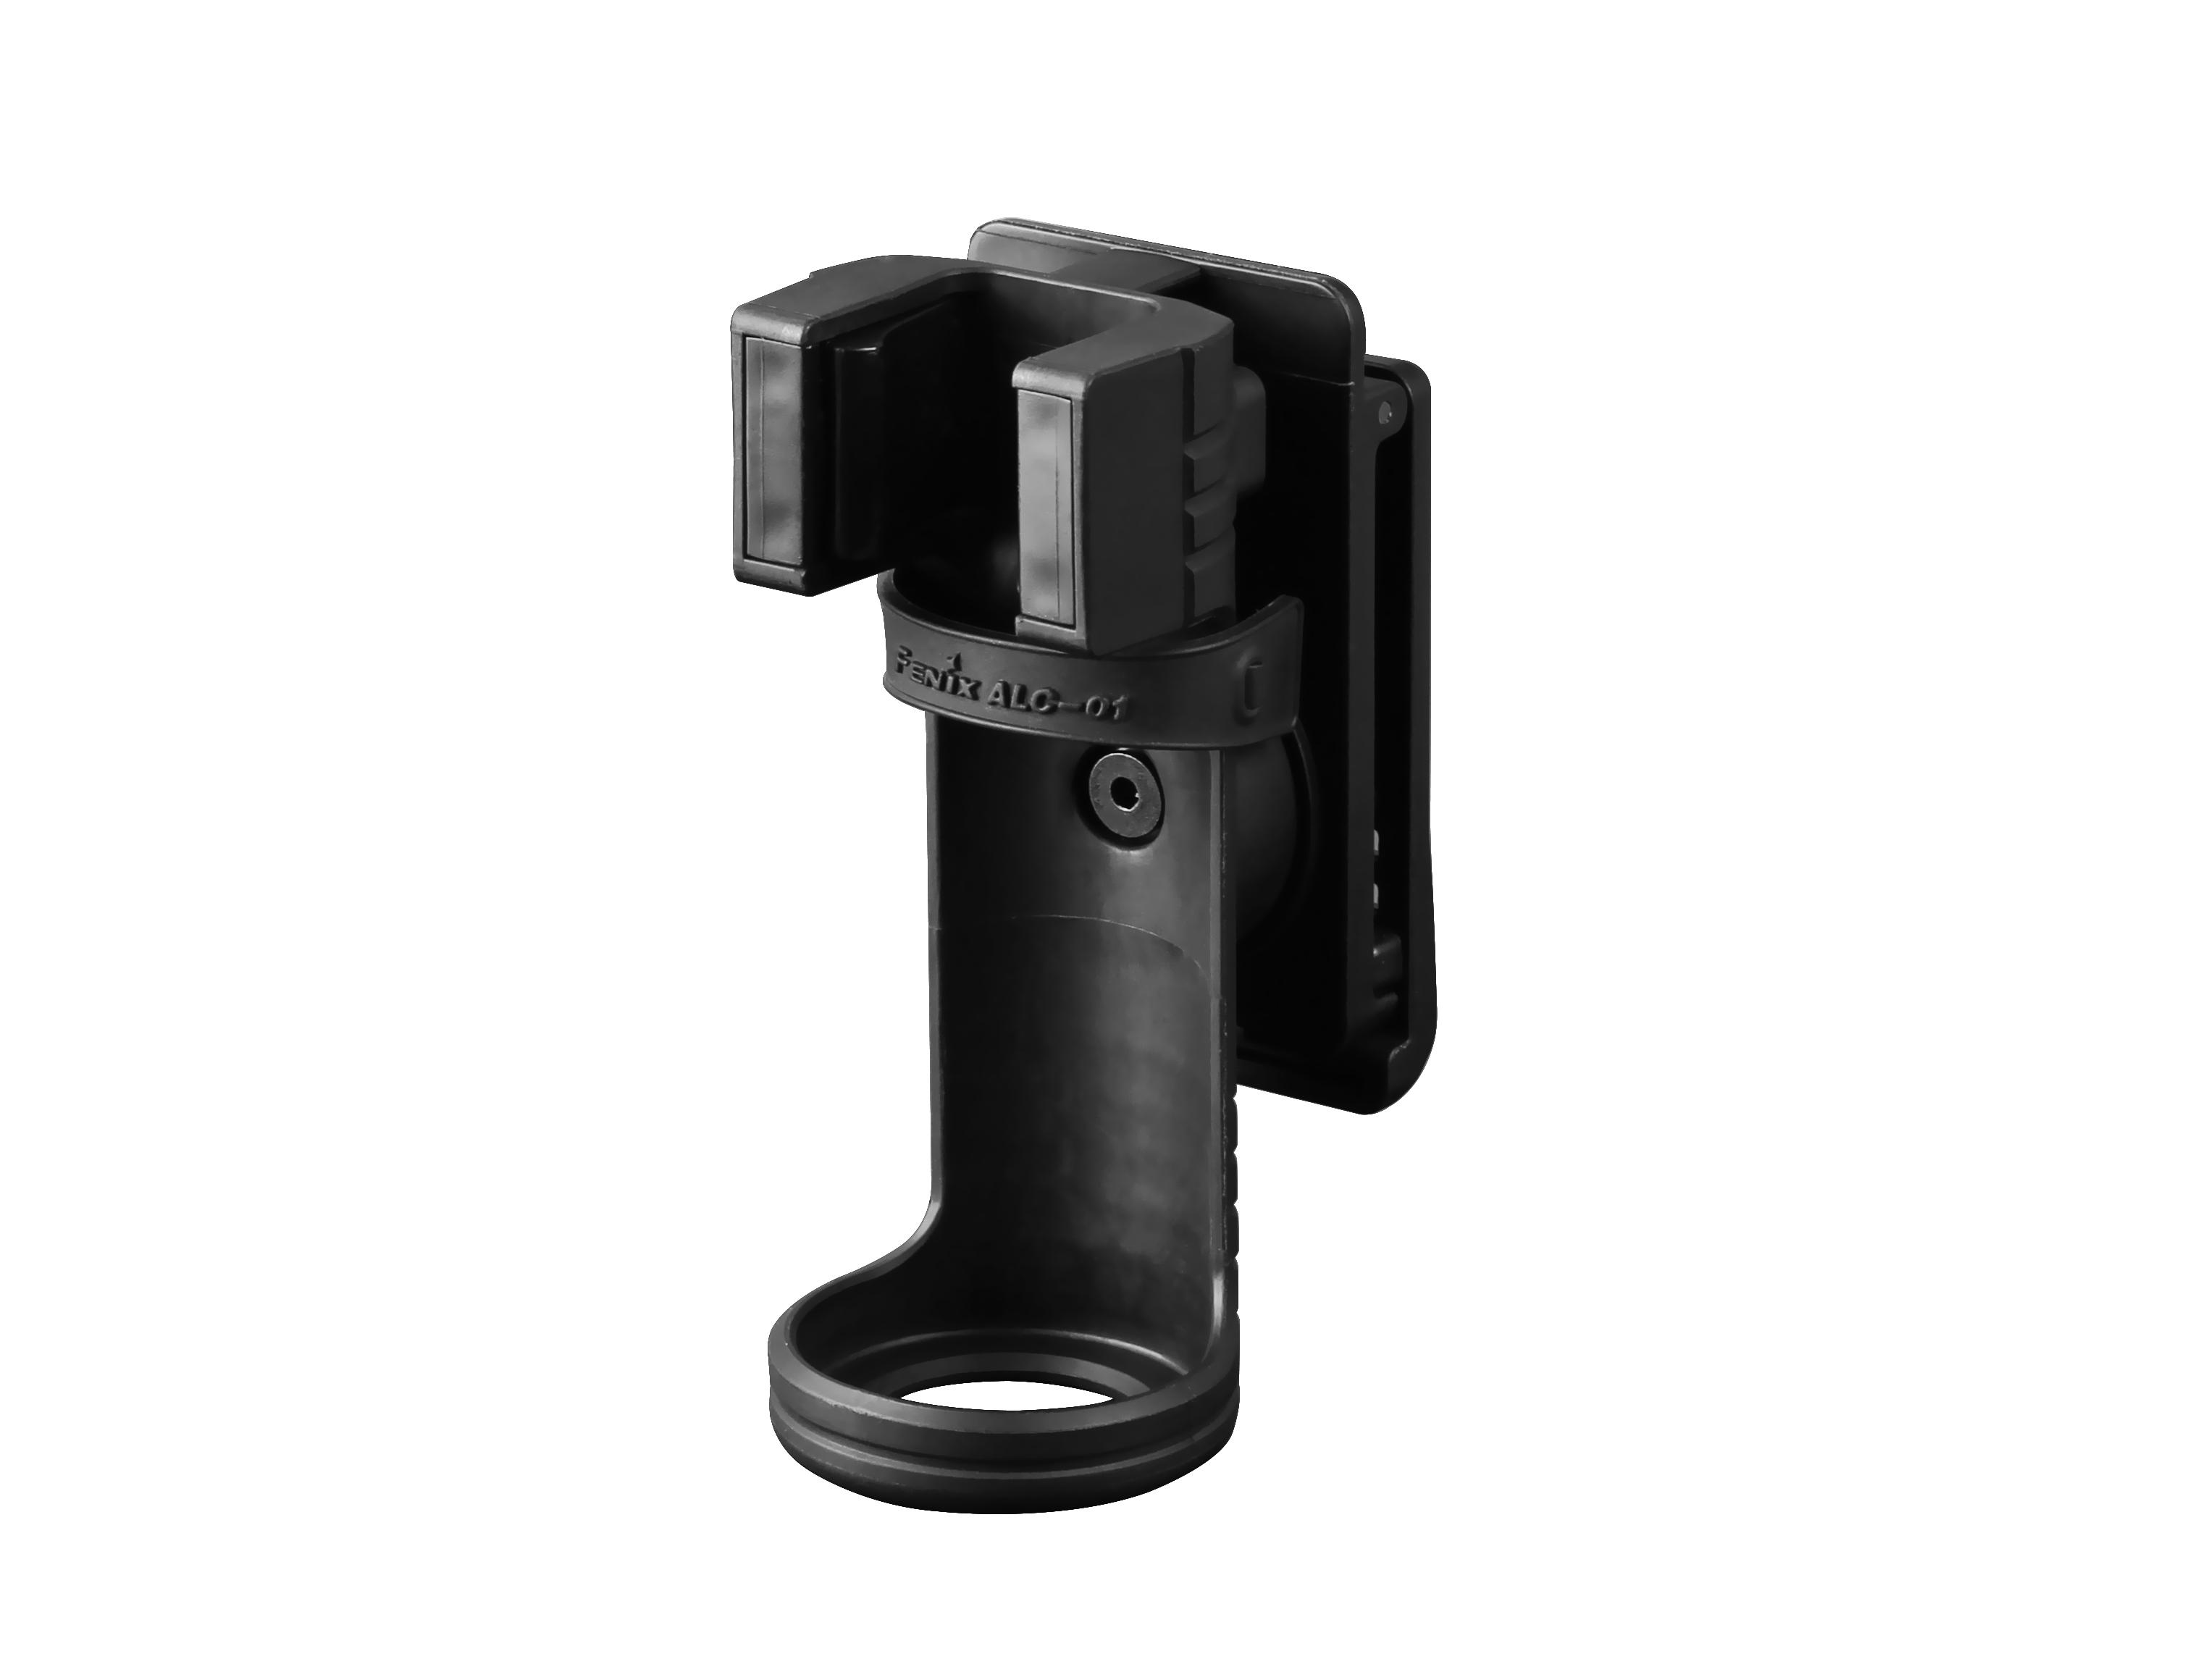 Otočné pouzdro pro svítilny Fenix ALC-01